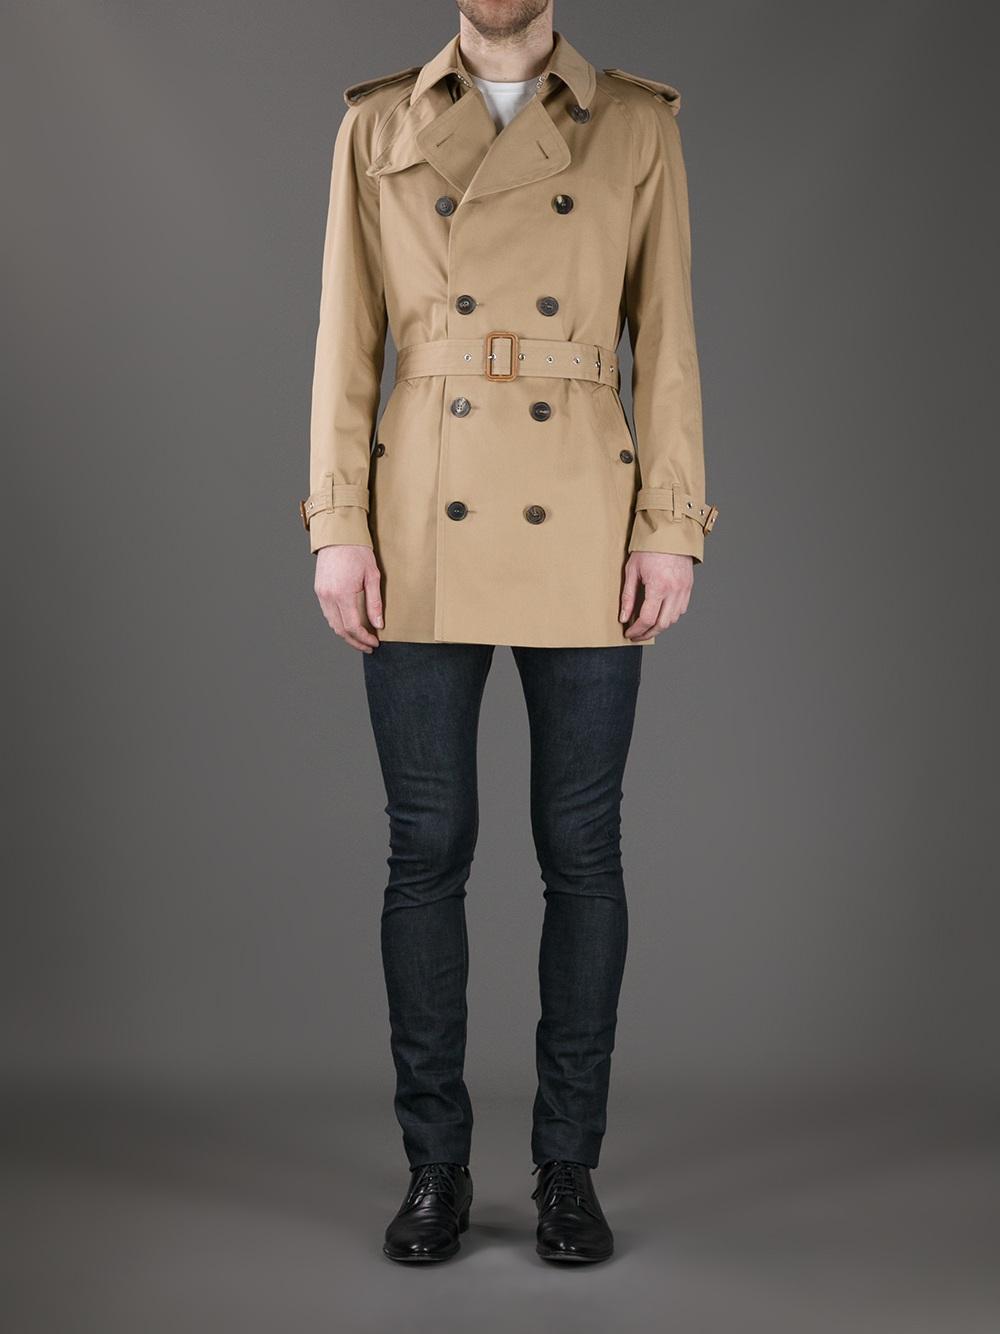 Saint laurent Short Trench Coat in Brown for Men | Lyst